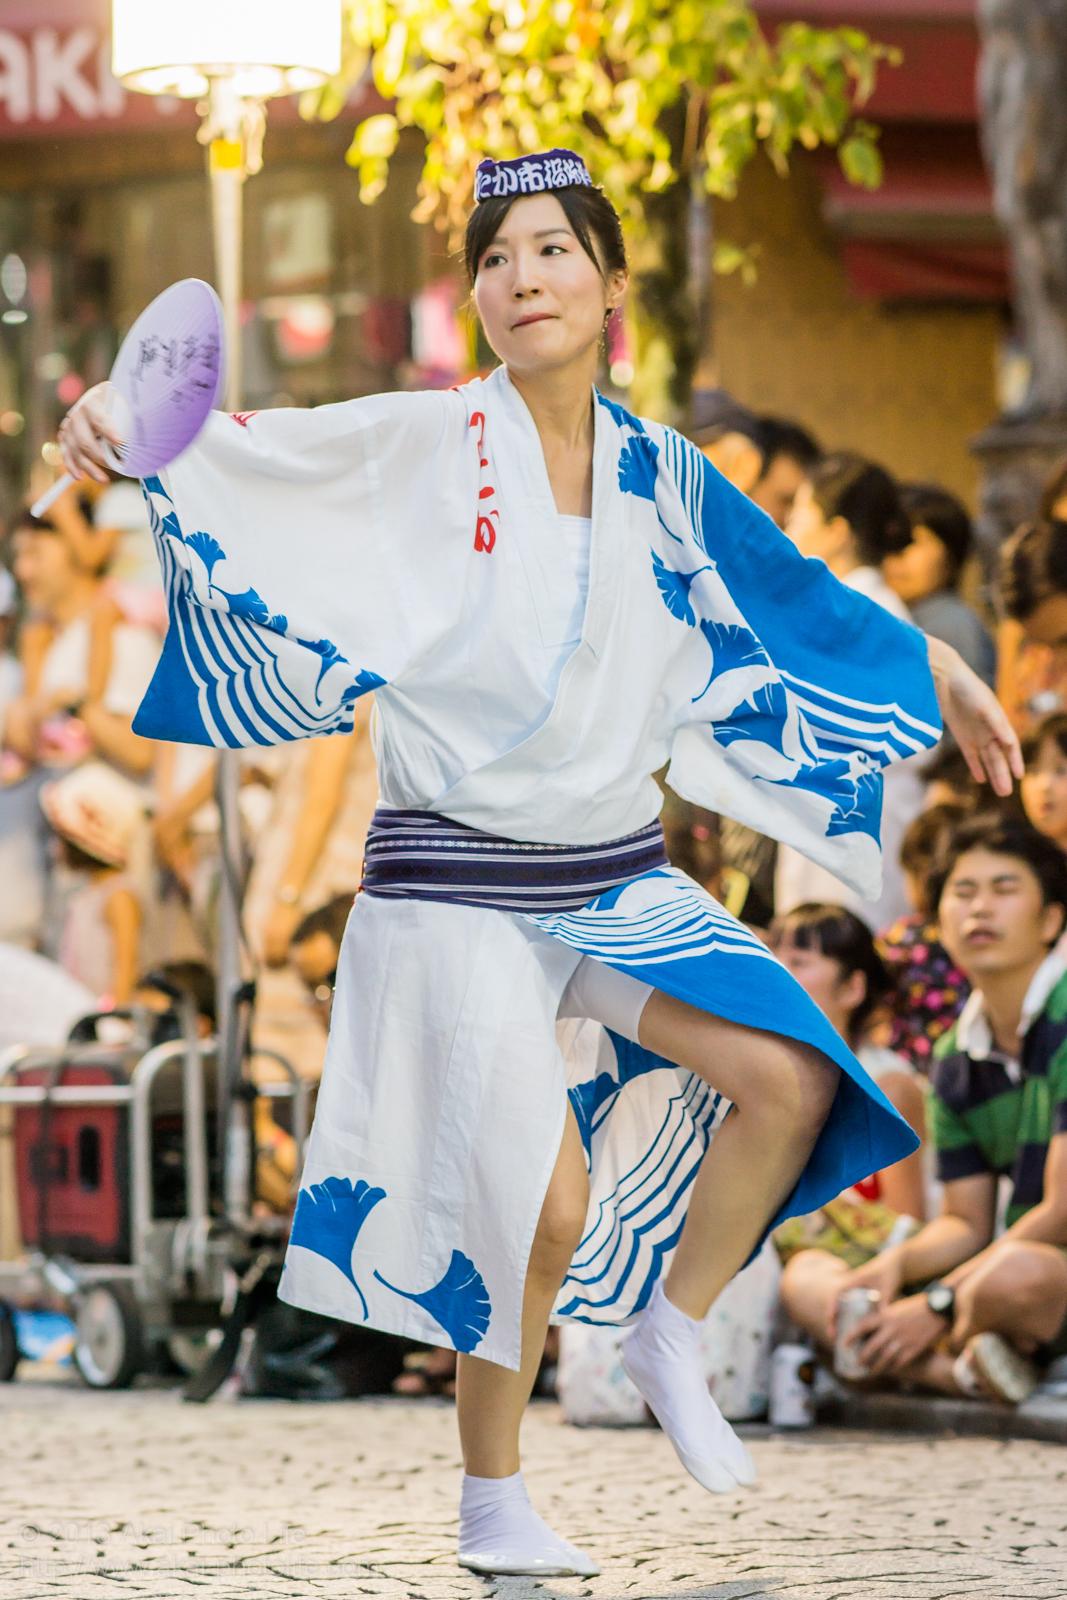 三鷹阿波踊り、みたか市役所連の女性の男踊り うちわ